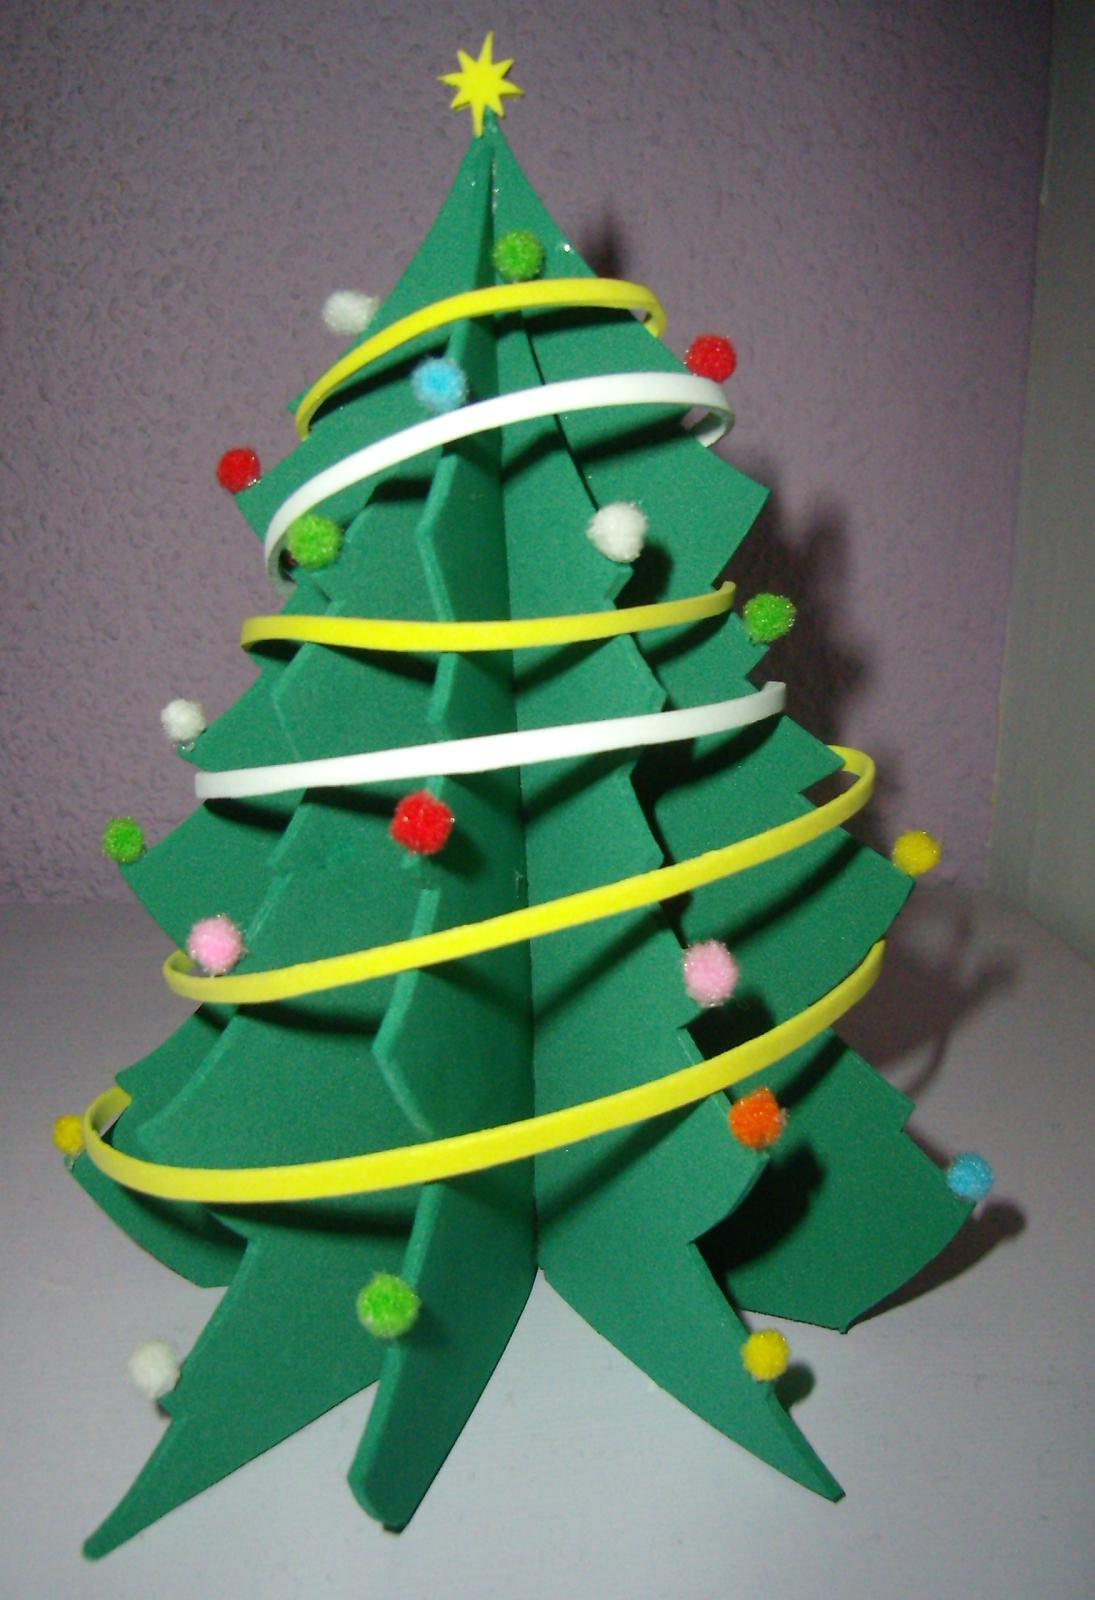 Como hacer un arbol de navidad en goma eva patrones con - Decoracion navidad goma eva ...